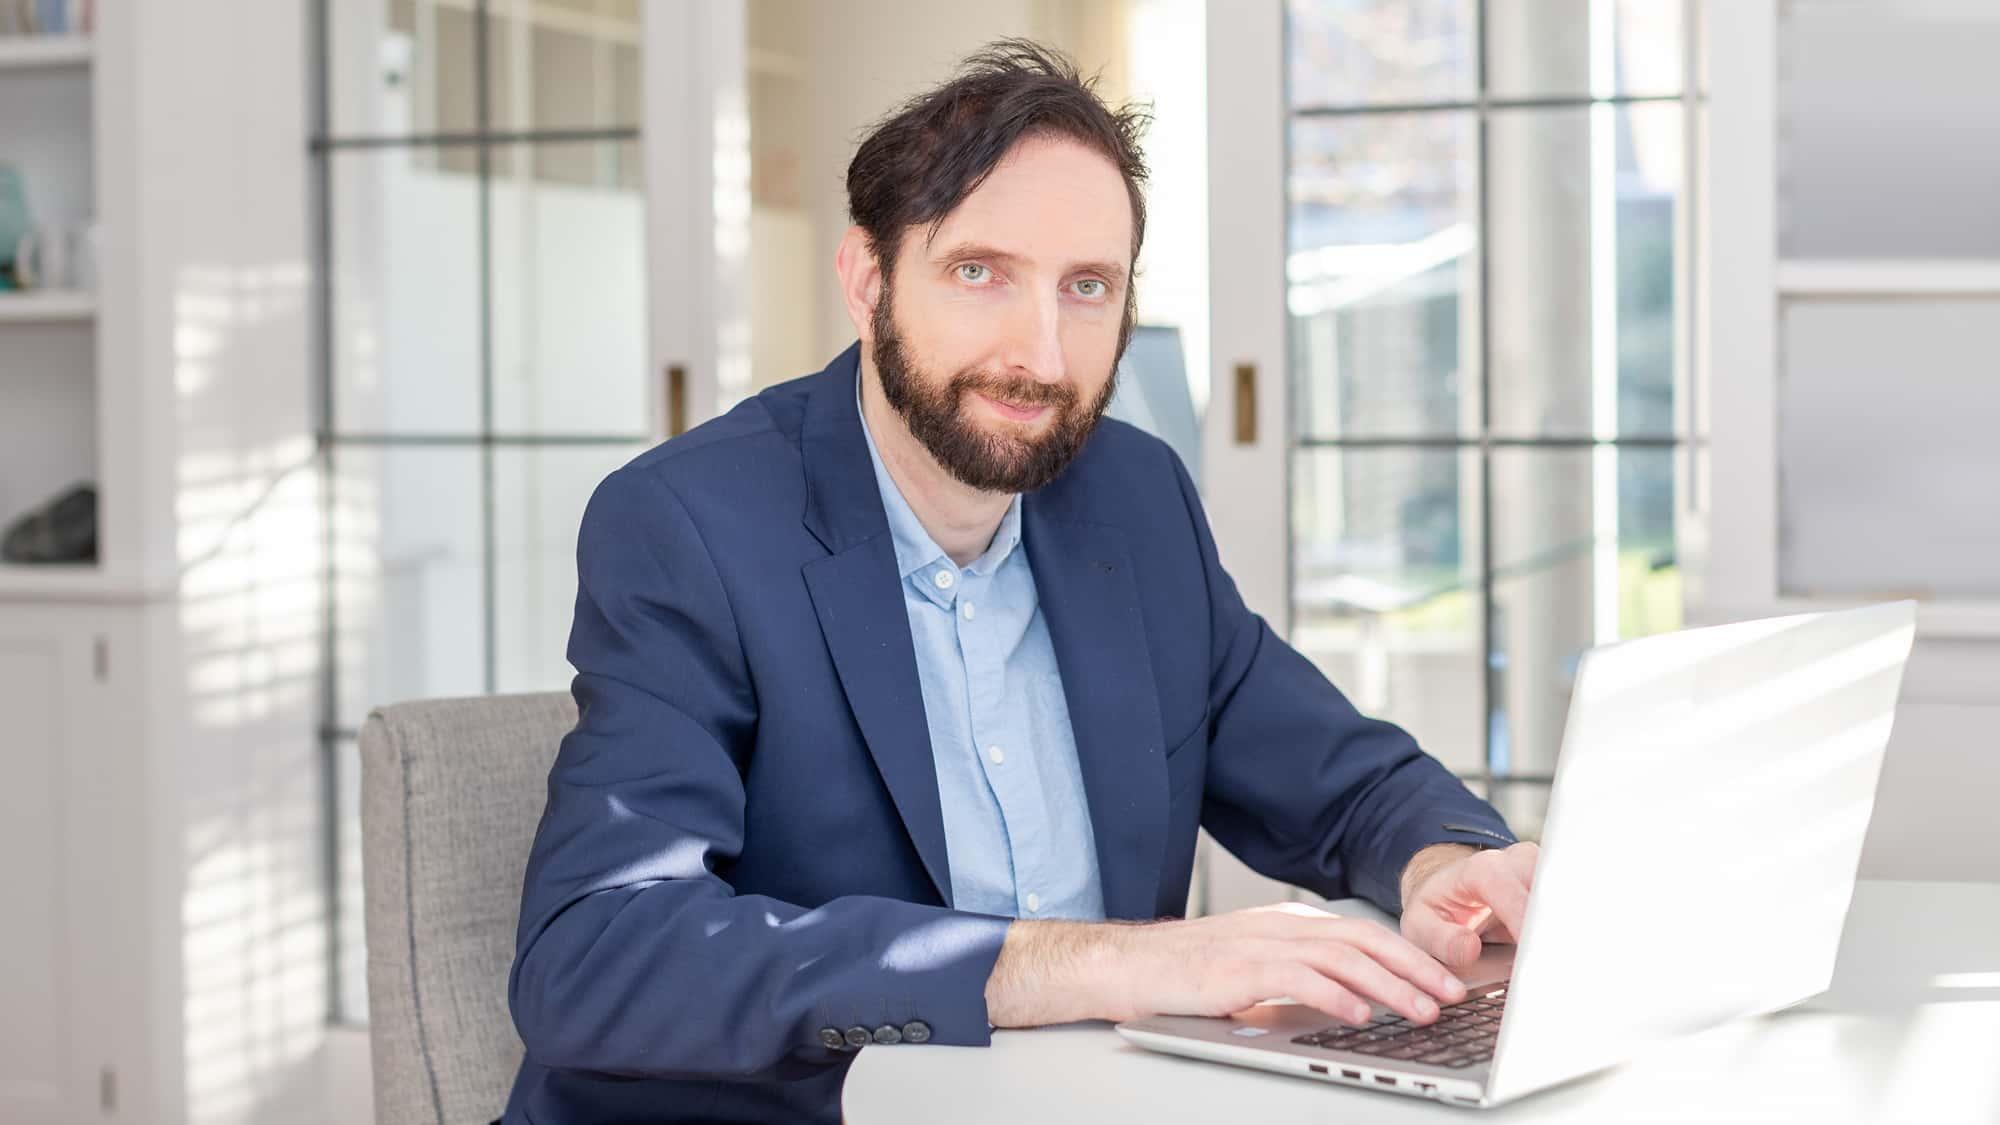 Hilbert Fridsma is onafhankelijk financieel adviseur